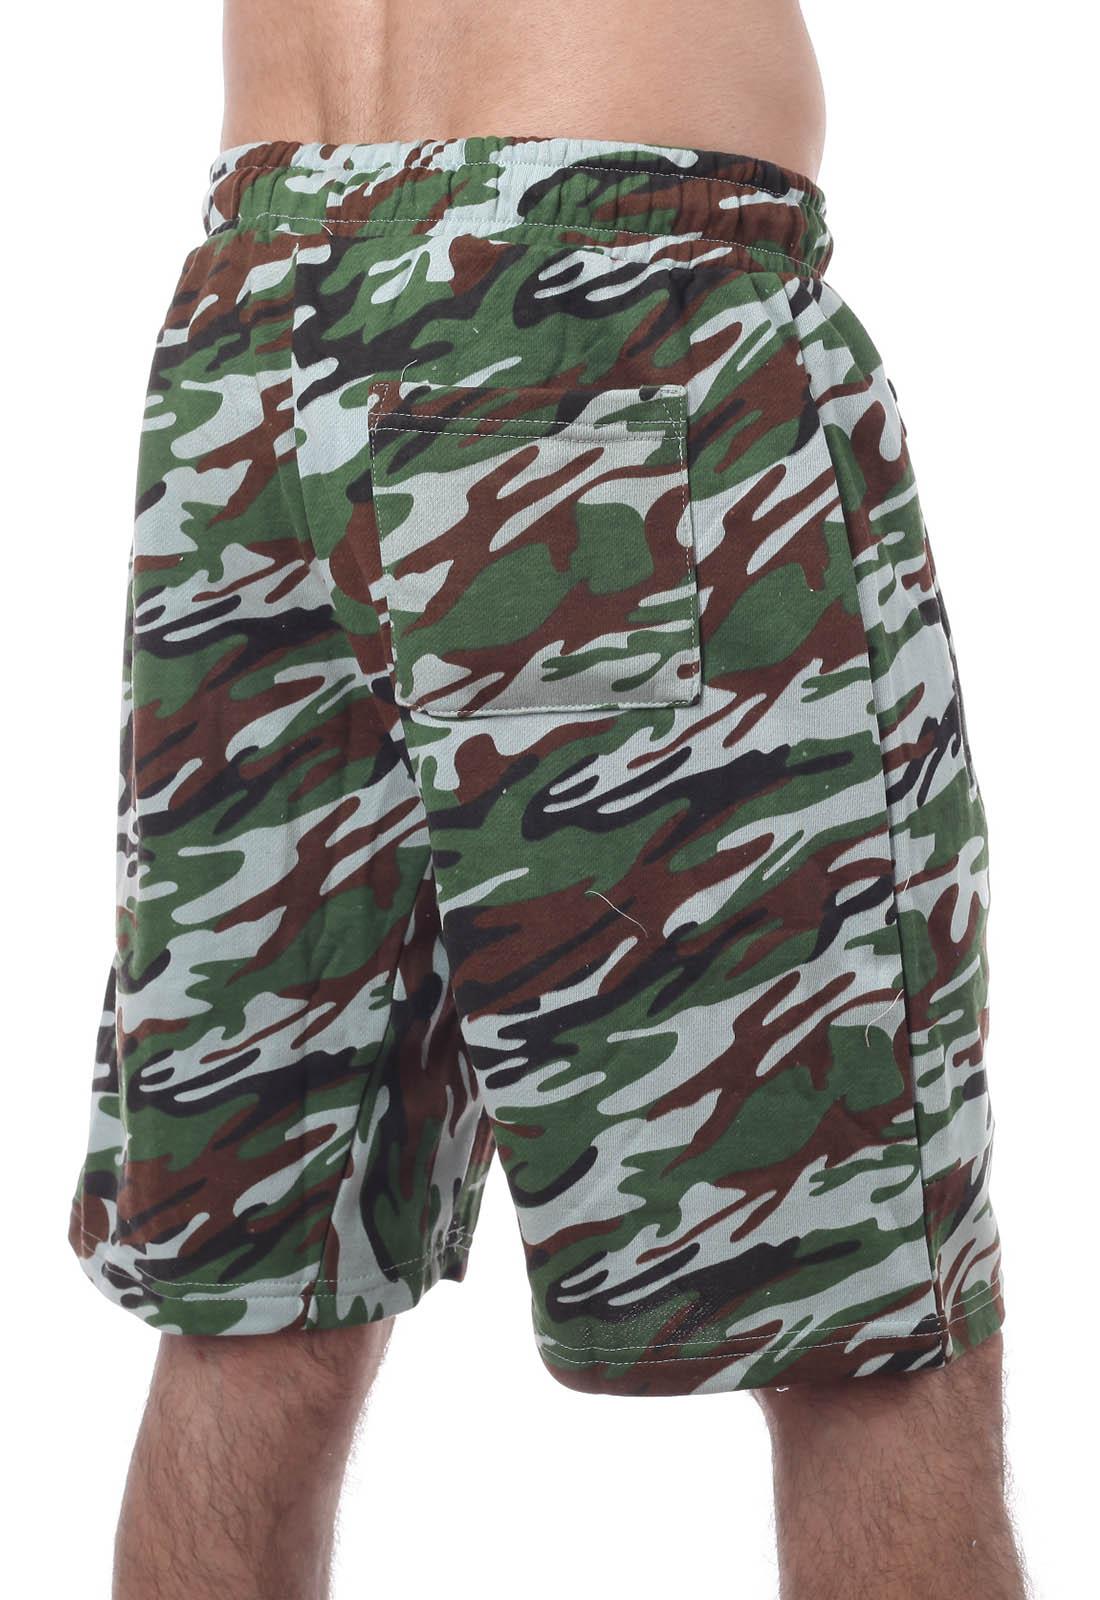 Модные камуфлированные шорты с нашивкой РХБЗ - купить с доставкой